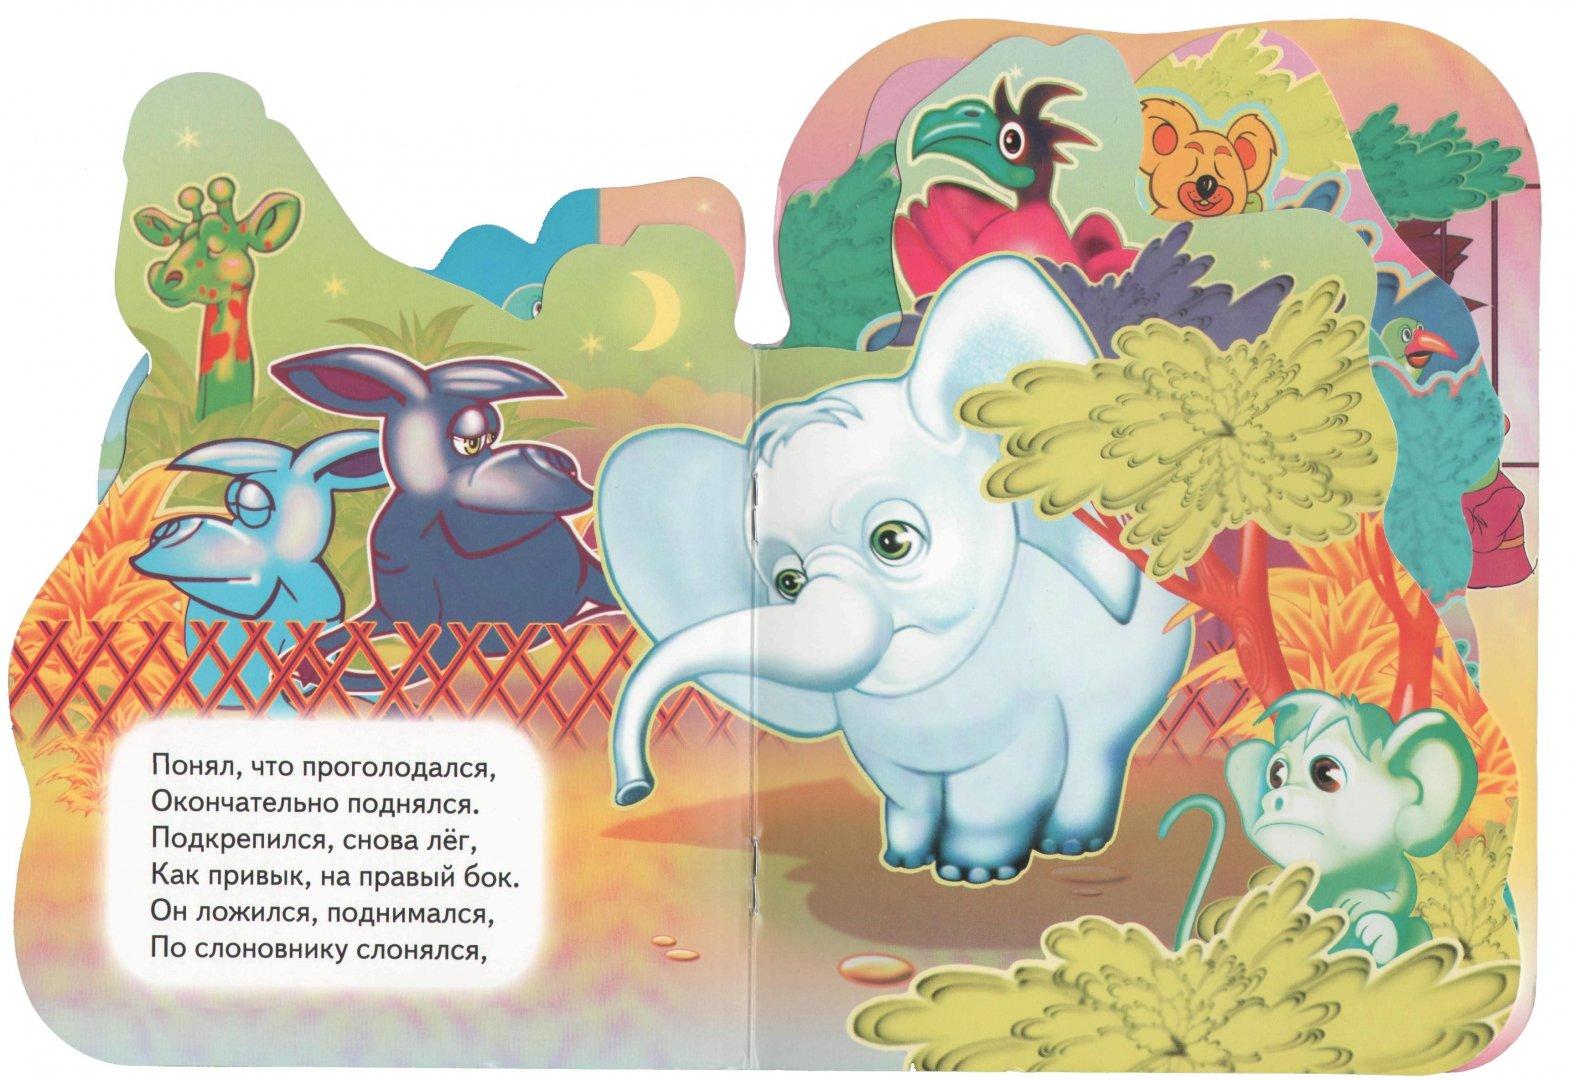 Иллюстрация 1 из 4 для Слоненок в зоопарке - Анна Парчинская   Лабиринт - книги. Источник: Лабиринт